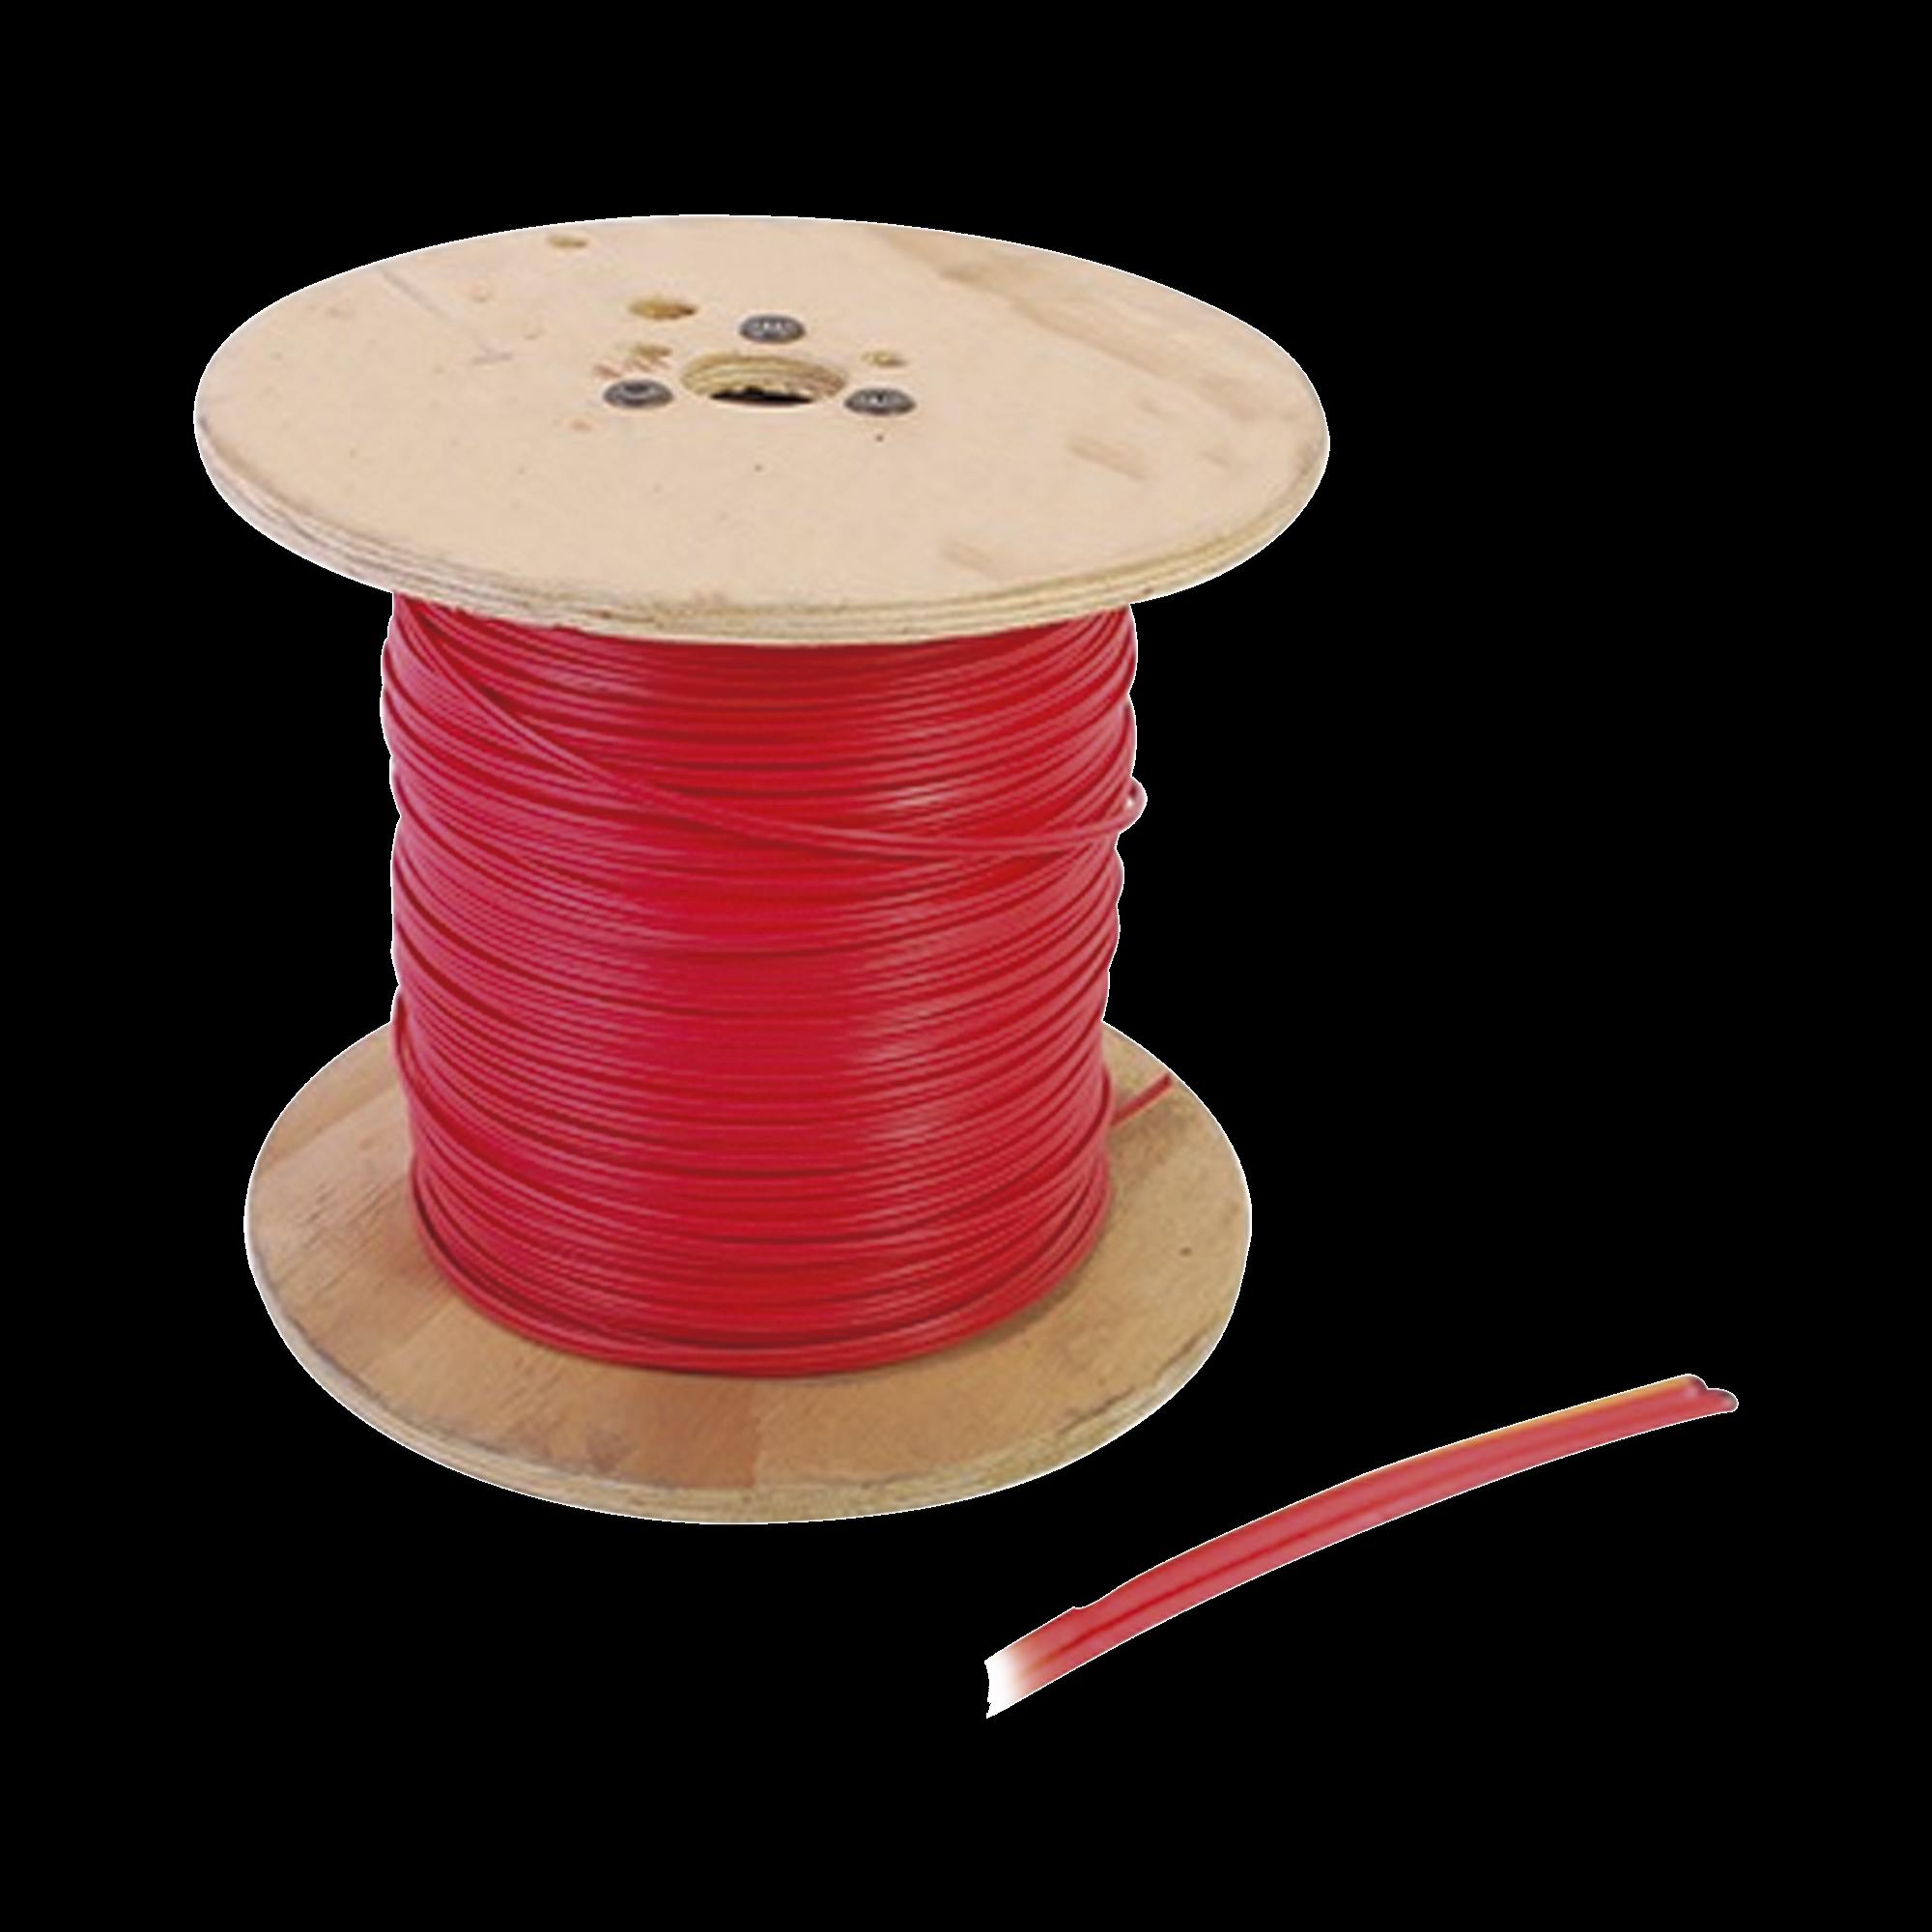 Bobina de Alambre de 150 metros, calibre 16 con 2 conductores, tipo FPLR-CL2R, para aplicaciones en sistemas de deteccion de incendio y sistemas de voceo